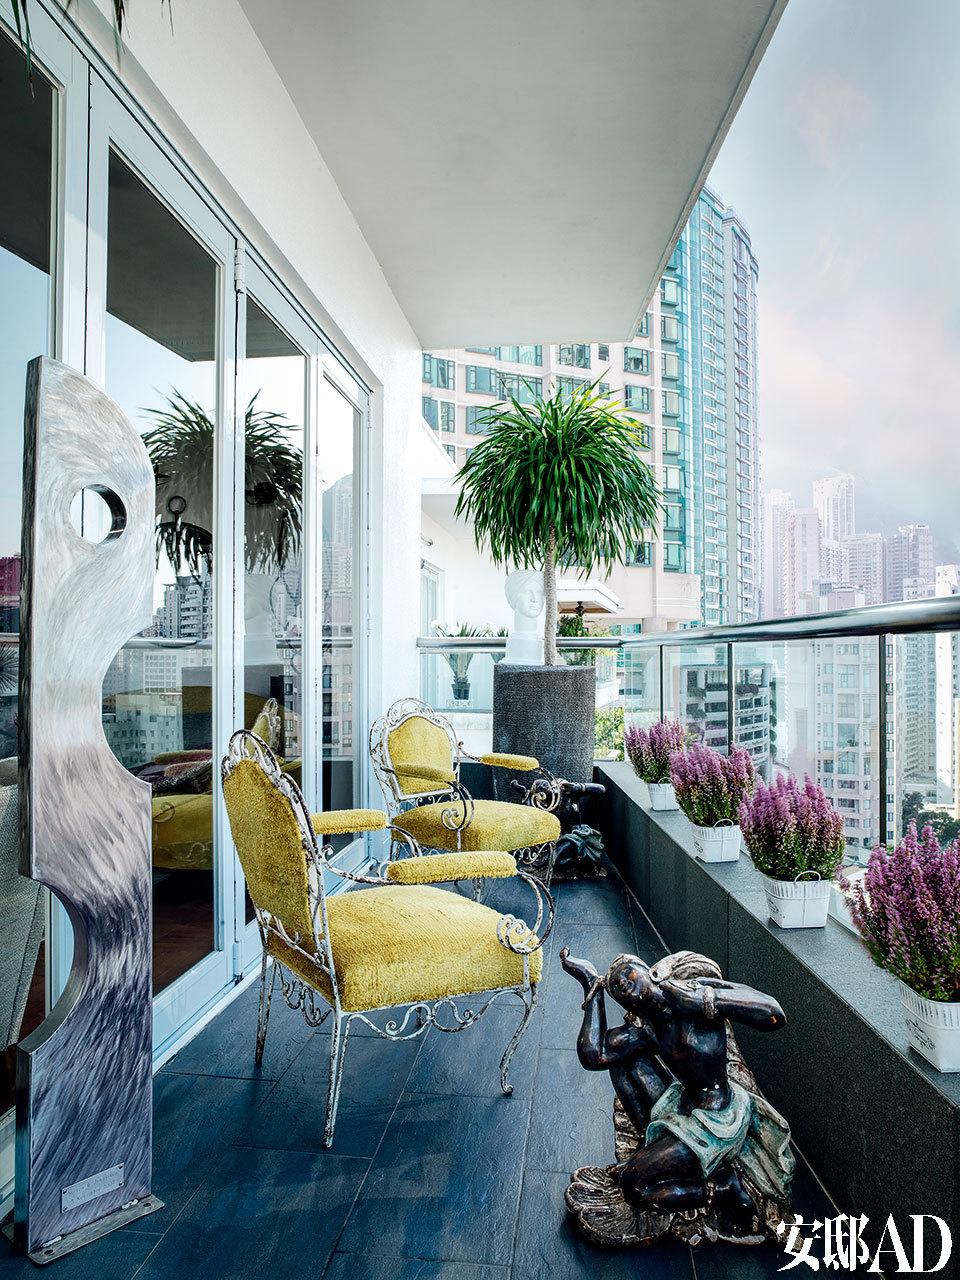 户外阳台能俯瞰整个香港市区的美景。两张法式扶手椅来自上世纪20年代,在它们旁边是一件上世纪70年代的金属雕塑。